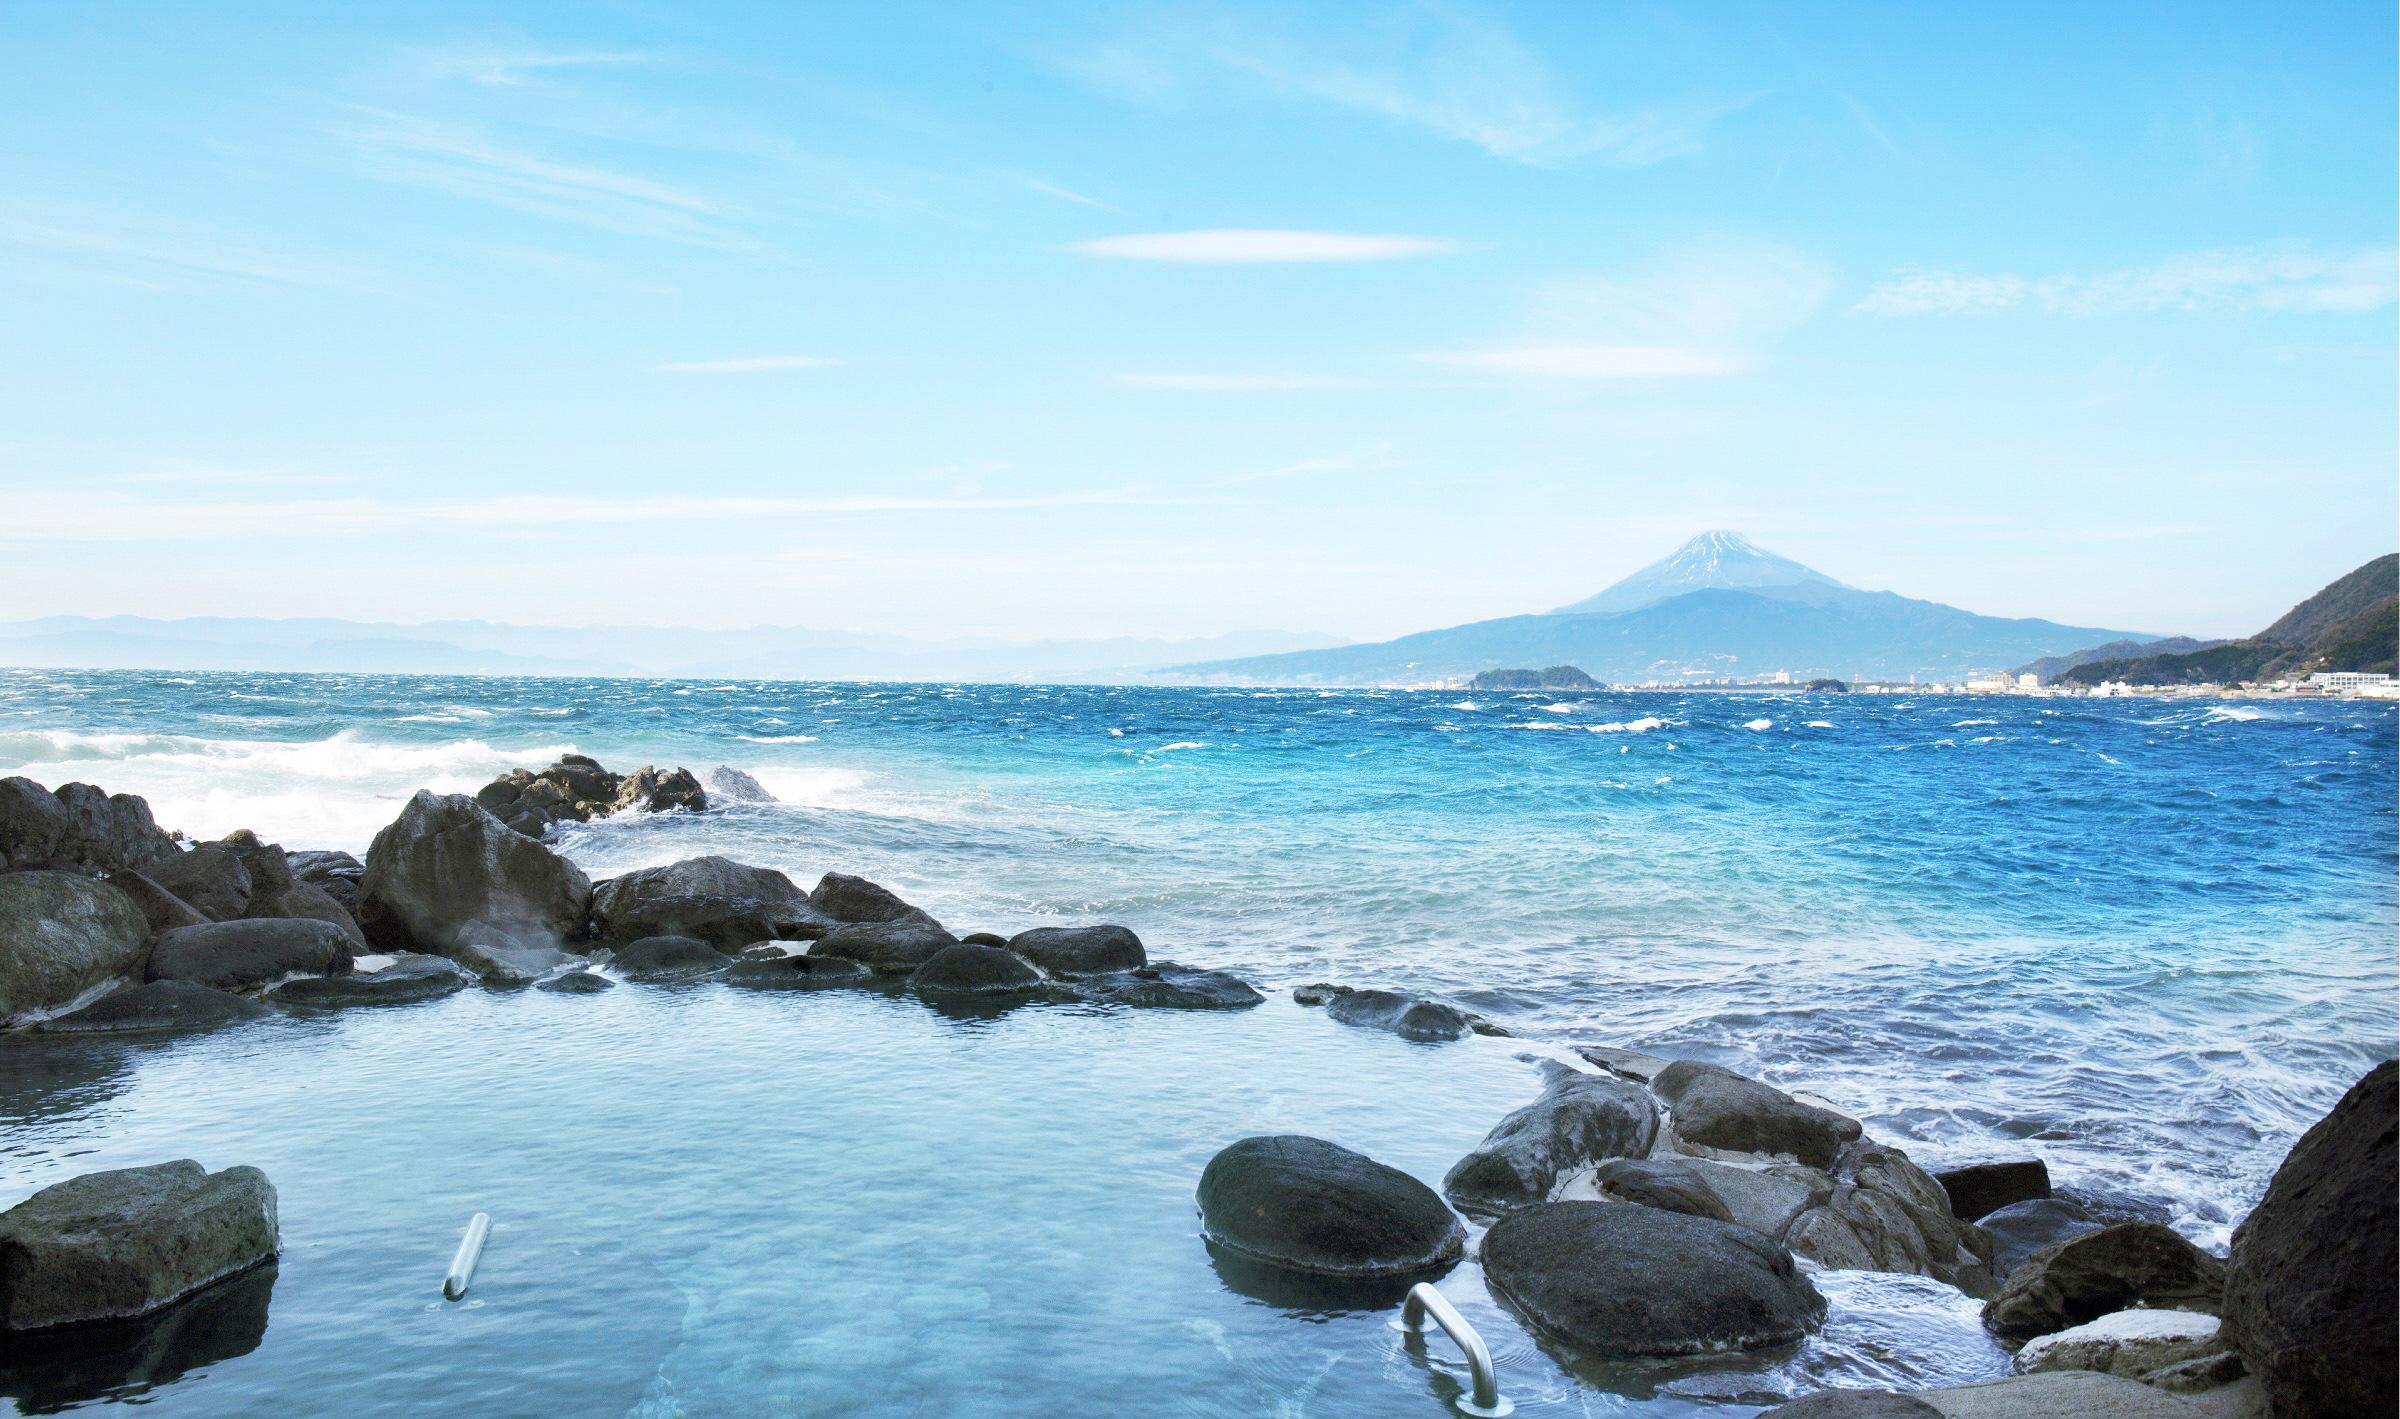 新鮮な海・山のものをふんだんに使った目にも美しいお料理の数々をお楽しみ下さい。